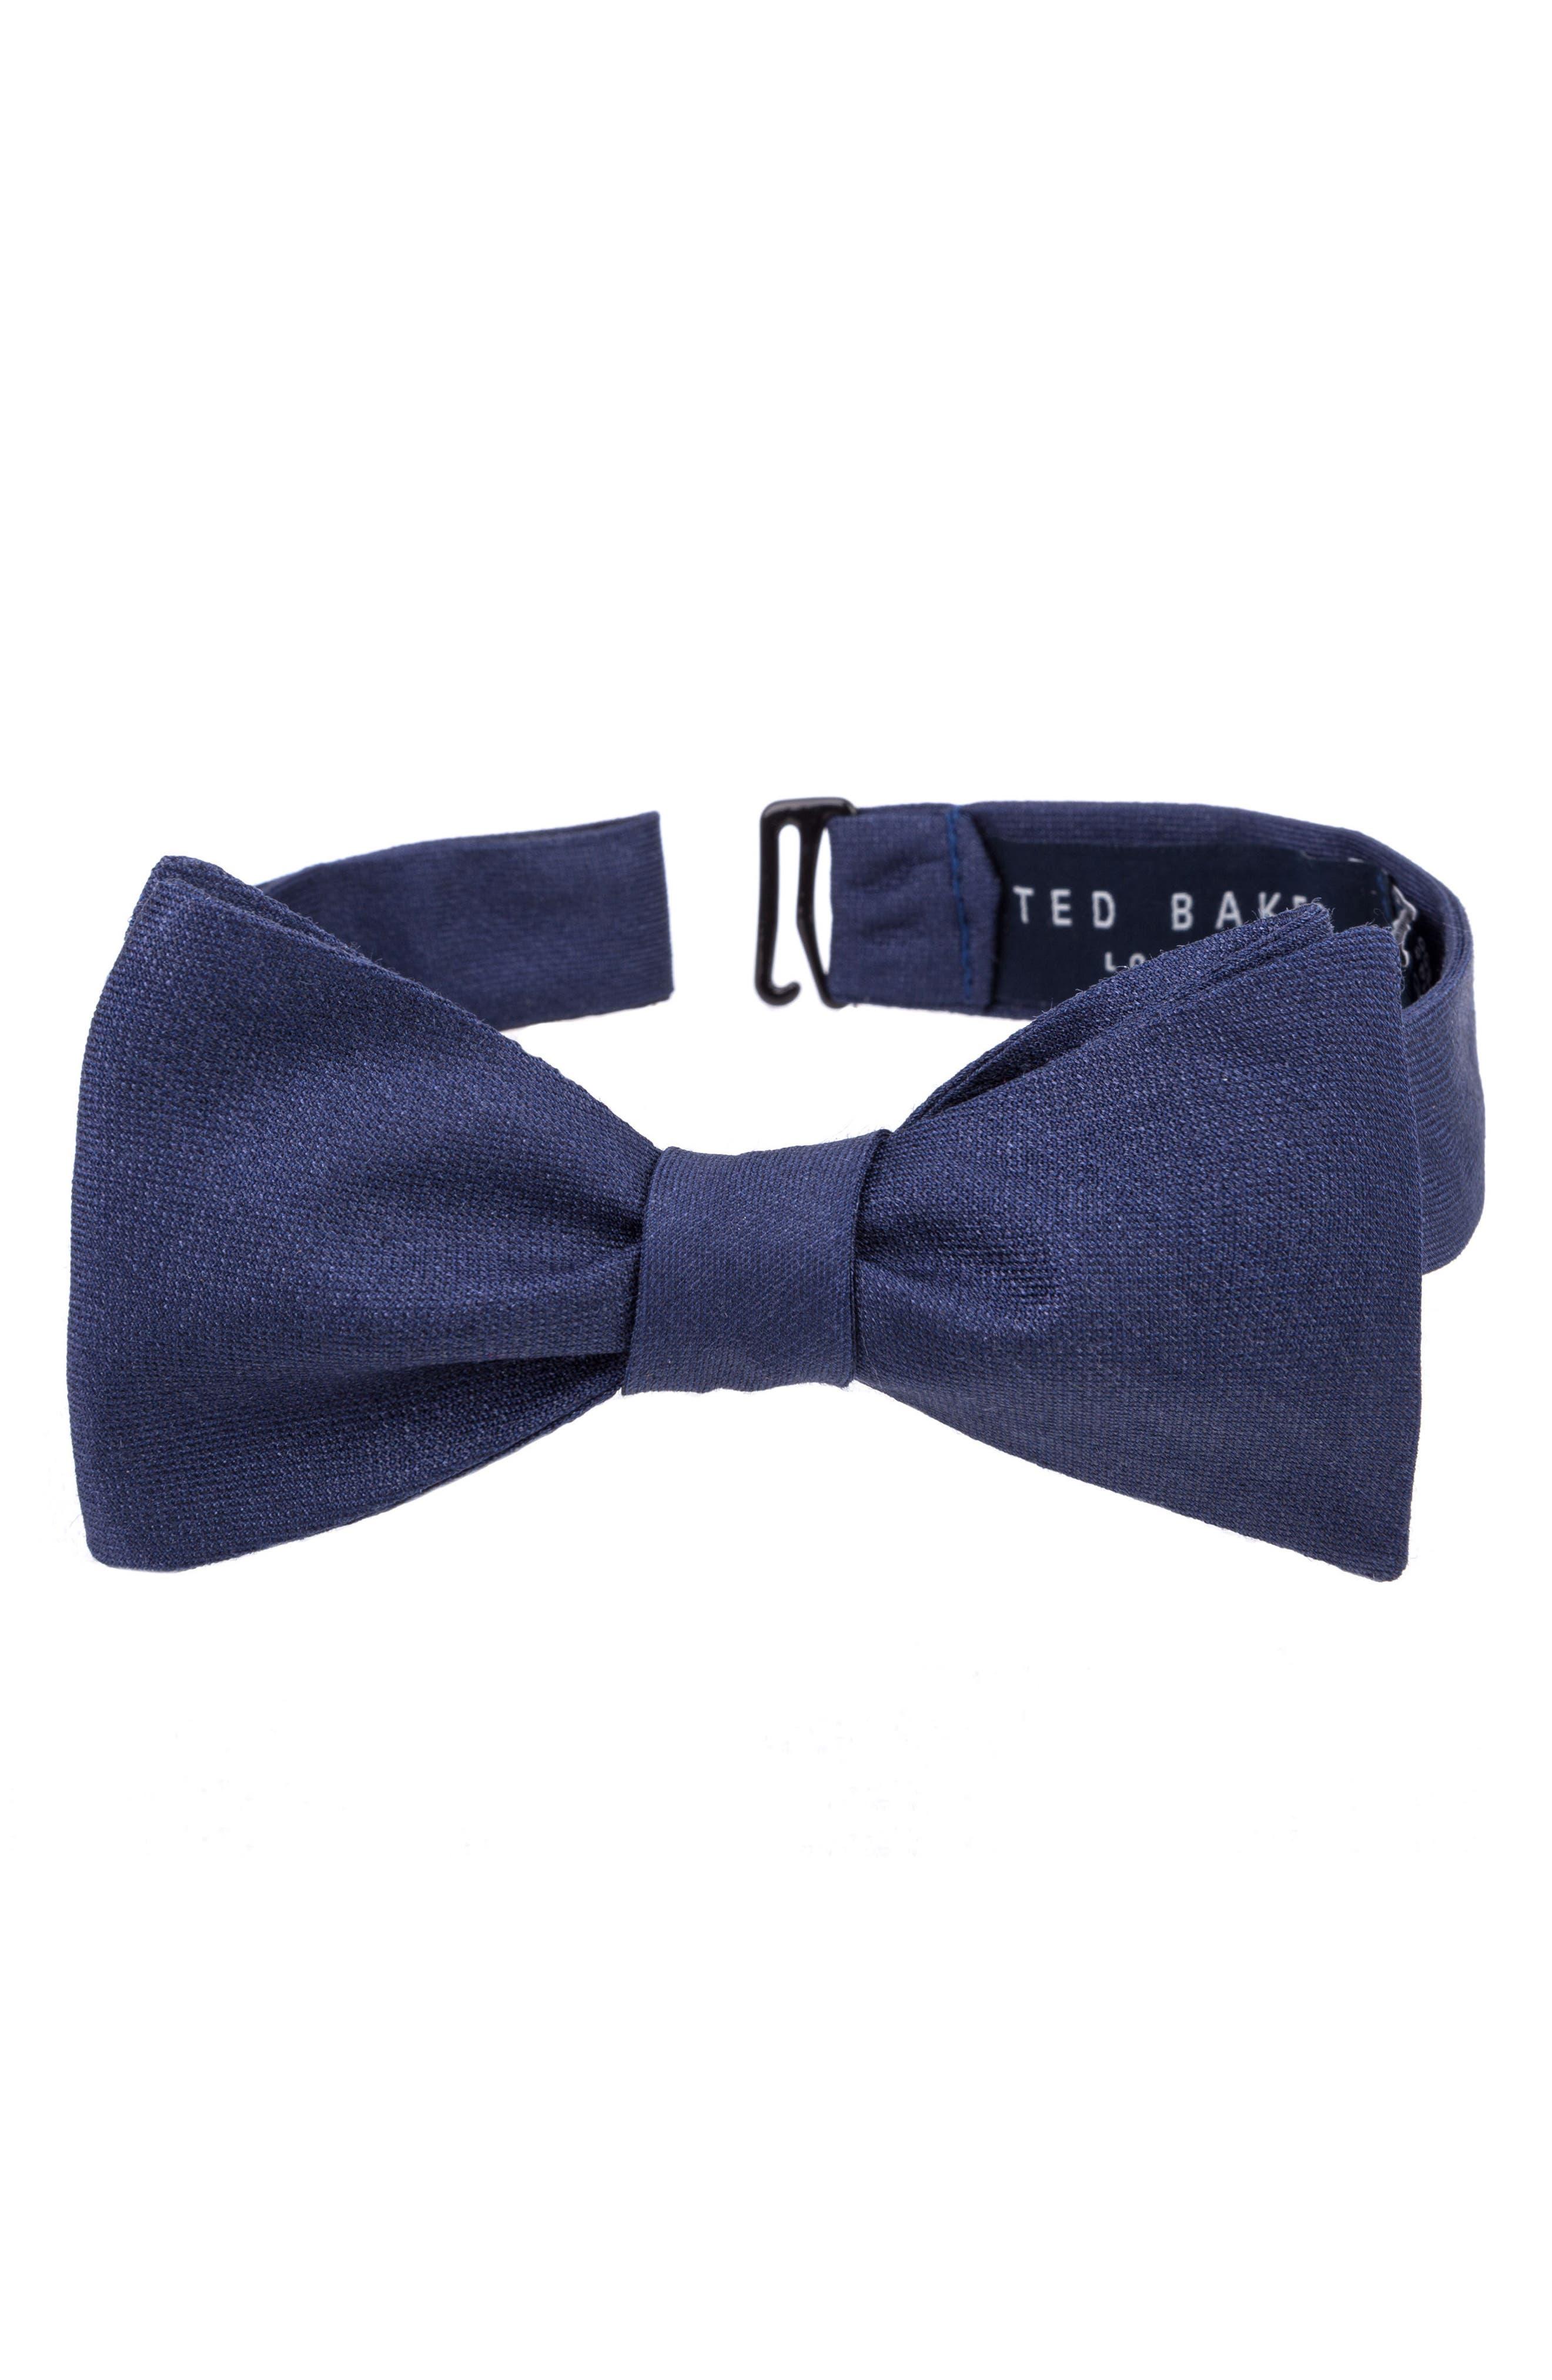 Indigo Wardrobe Silk Bow Tie,                         Main,                         color, Indigo